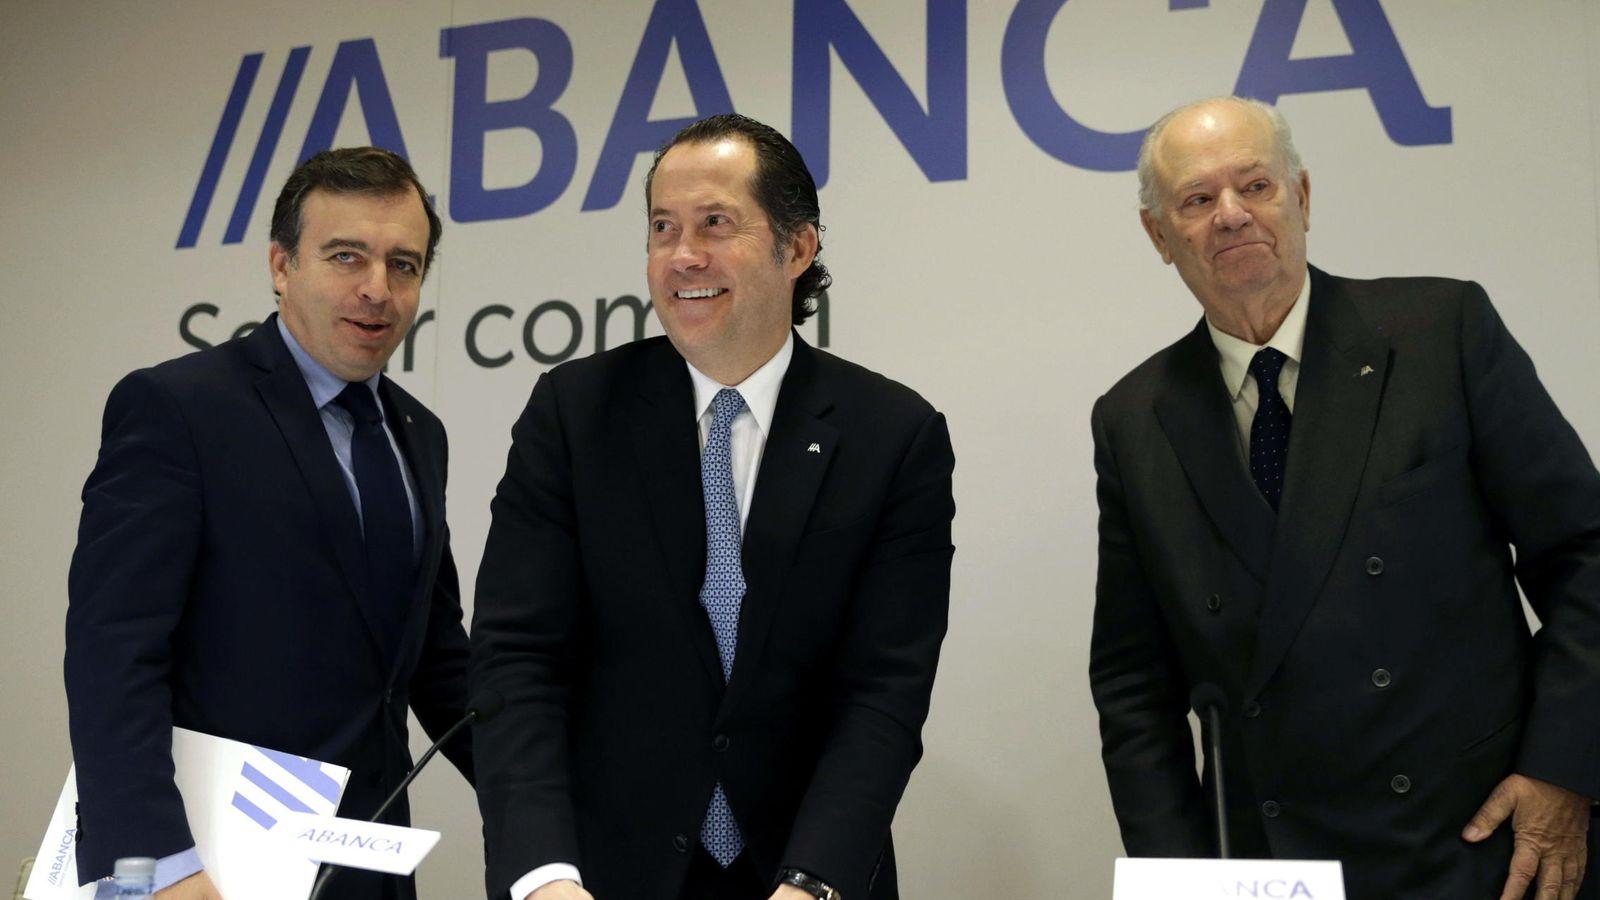 Foto: El presidente de Abanca, Javier Etcheverría, el vicepresidente Juan Carlos Escotet y el consejero delegado Francisco Botas. (EFE)